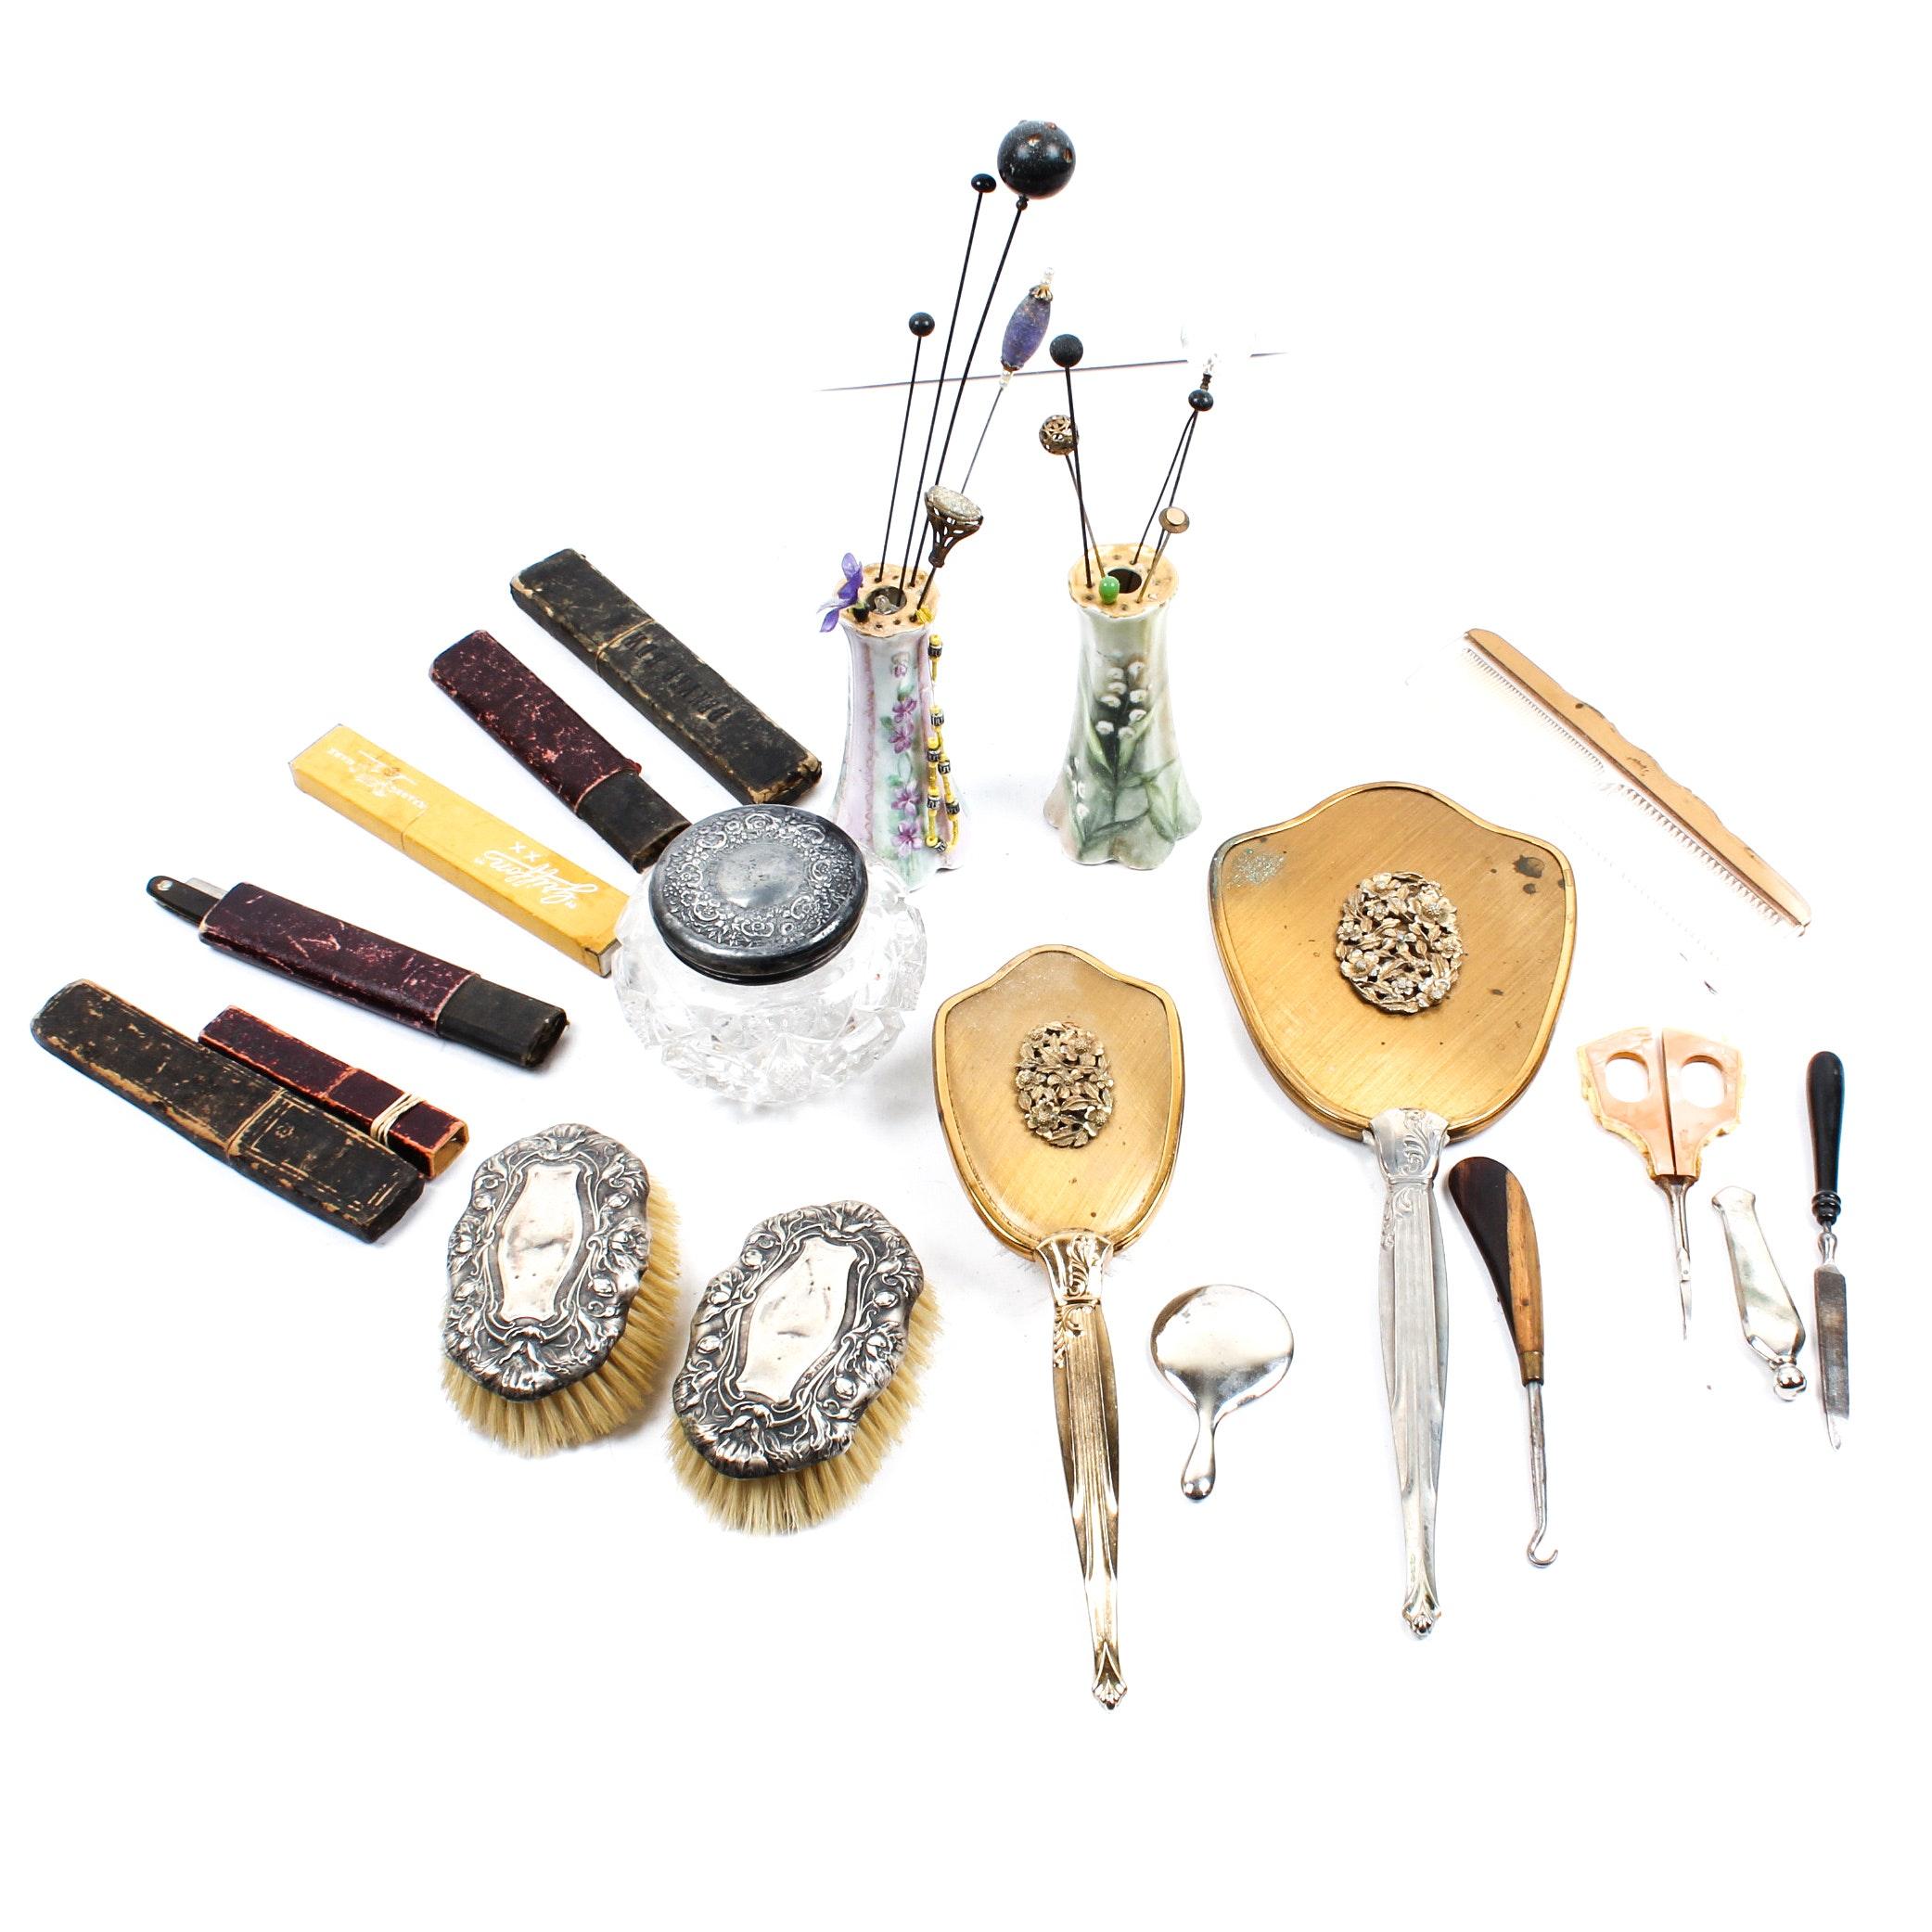 Vintage Vanity Set and Accessories